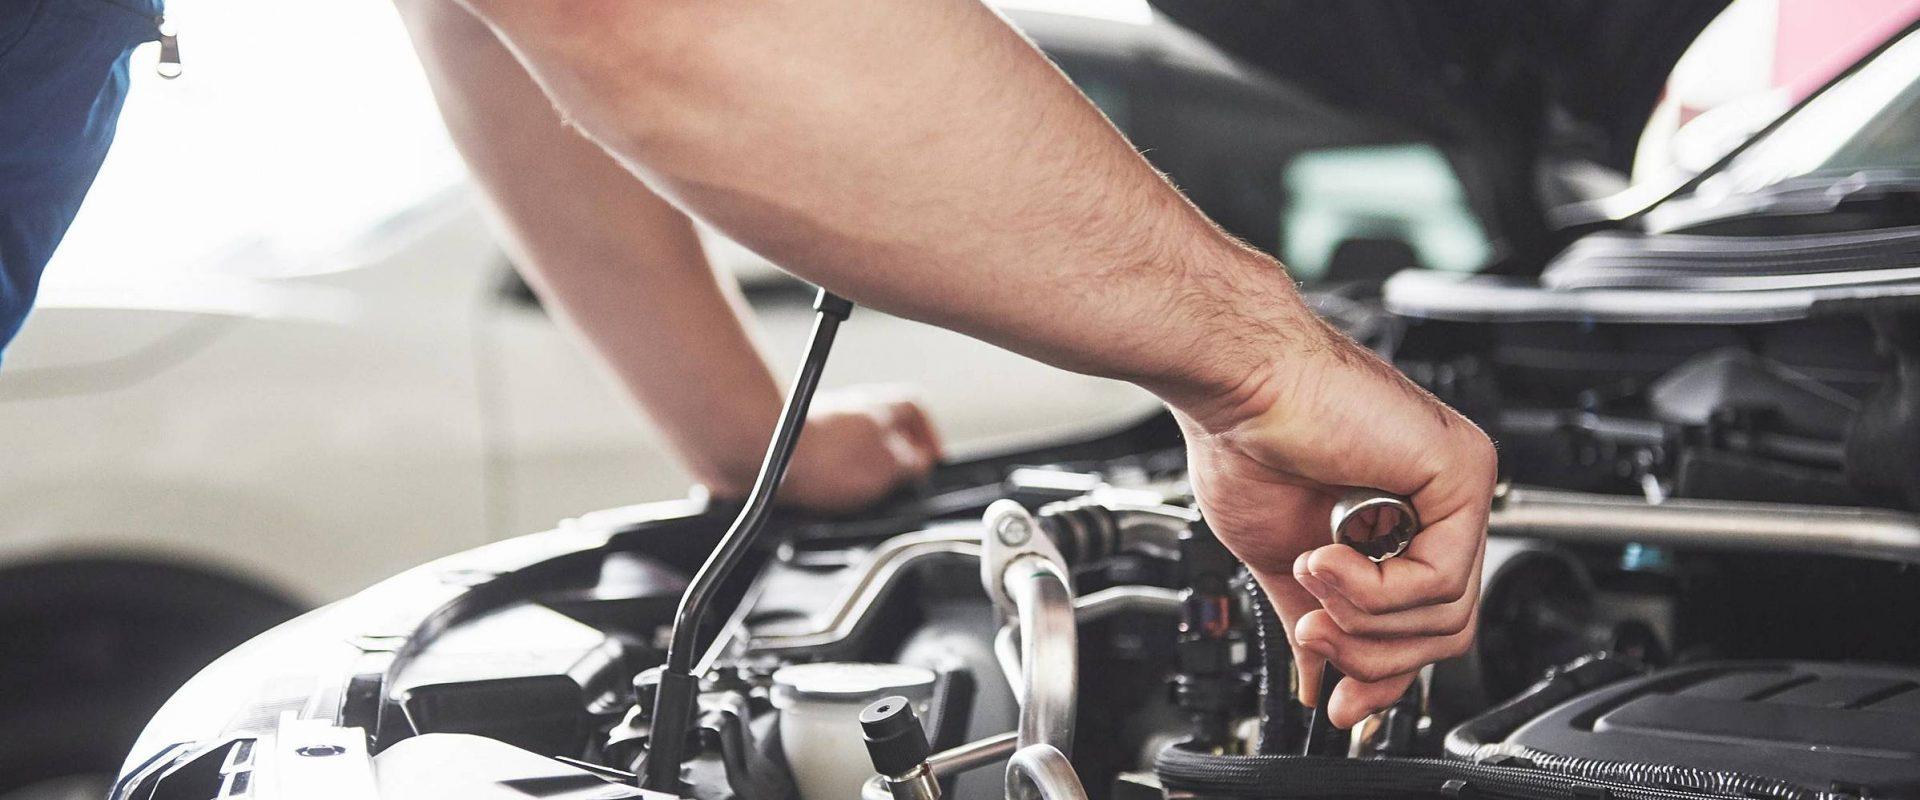 Confira os tipos de motor de carro e a diferença entre eles